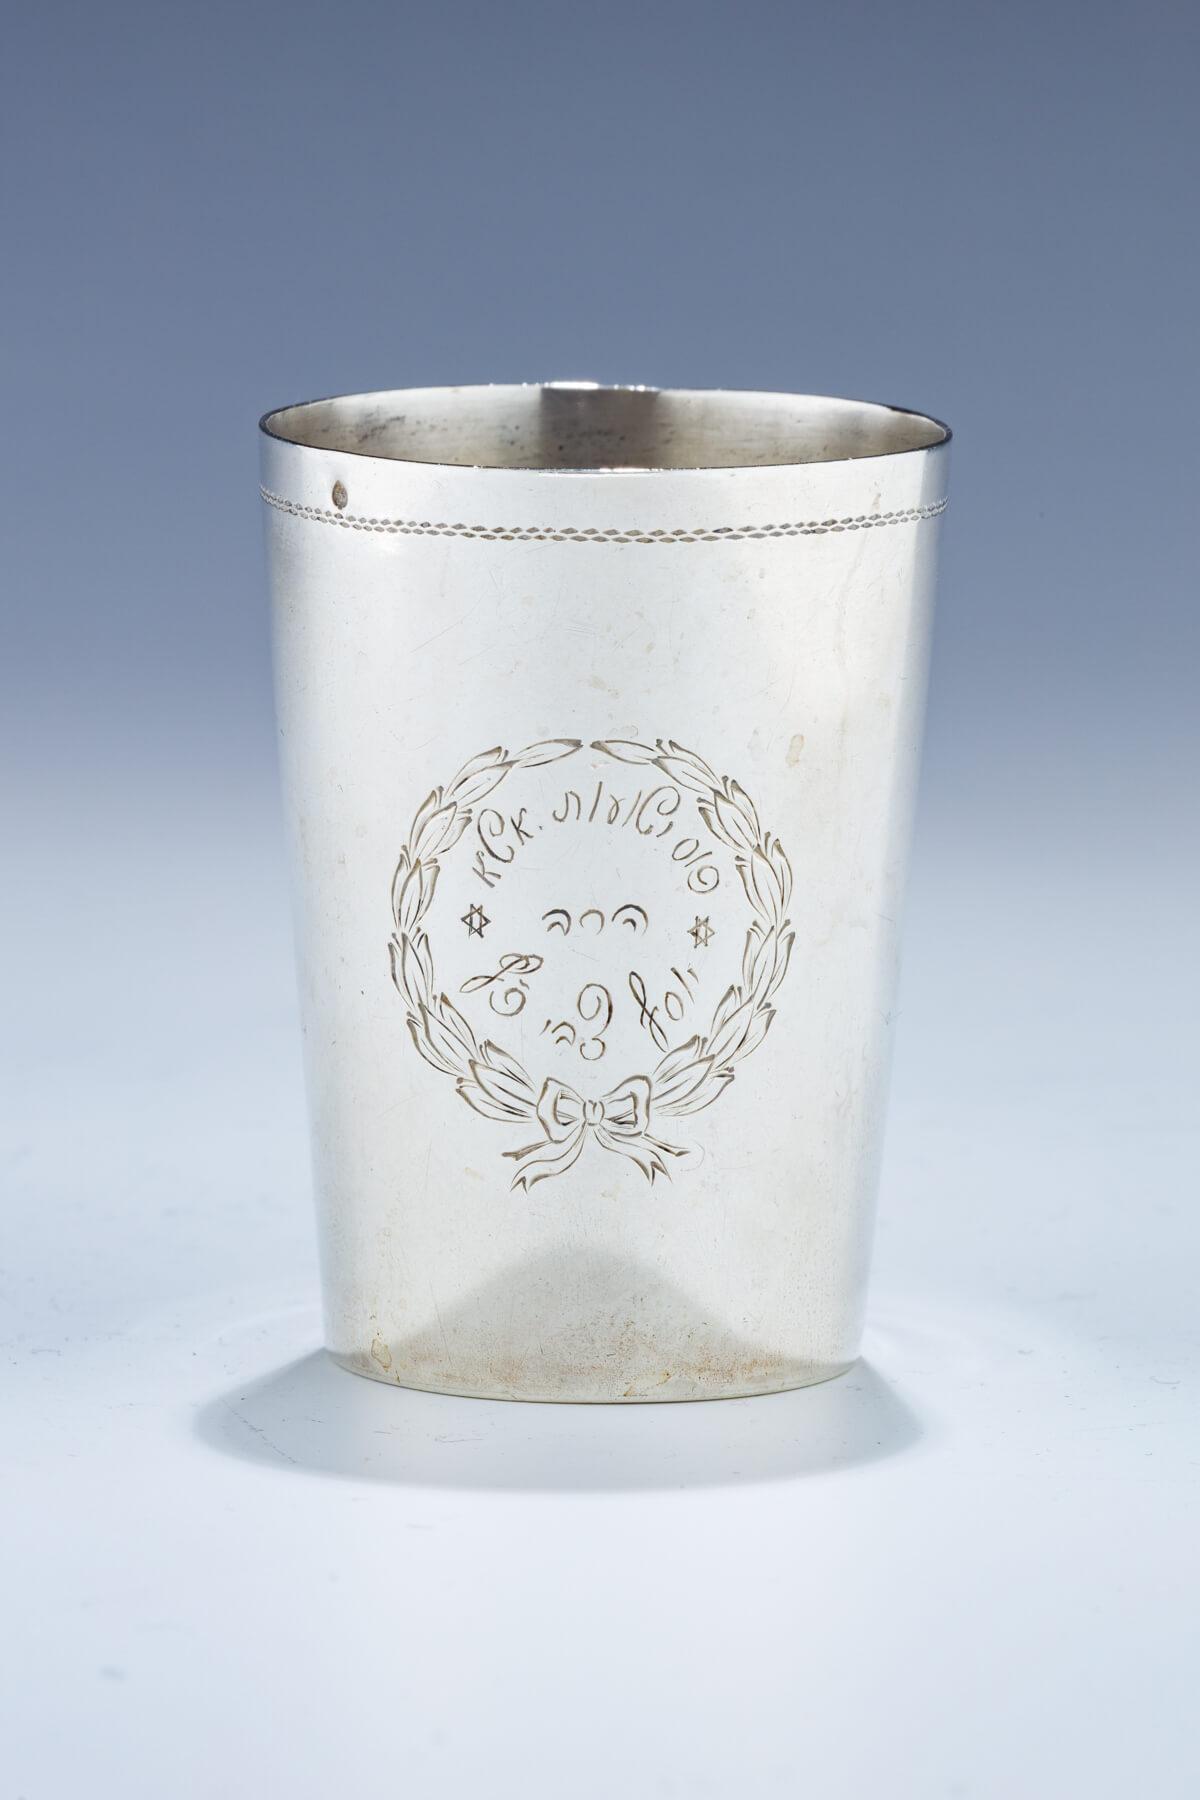 101. A Silver Kiddush Cup